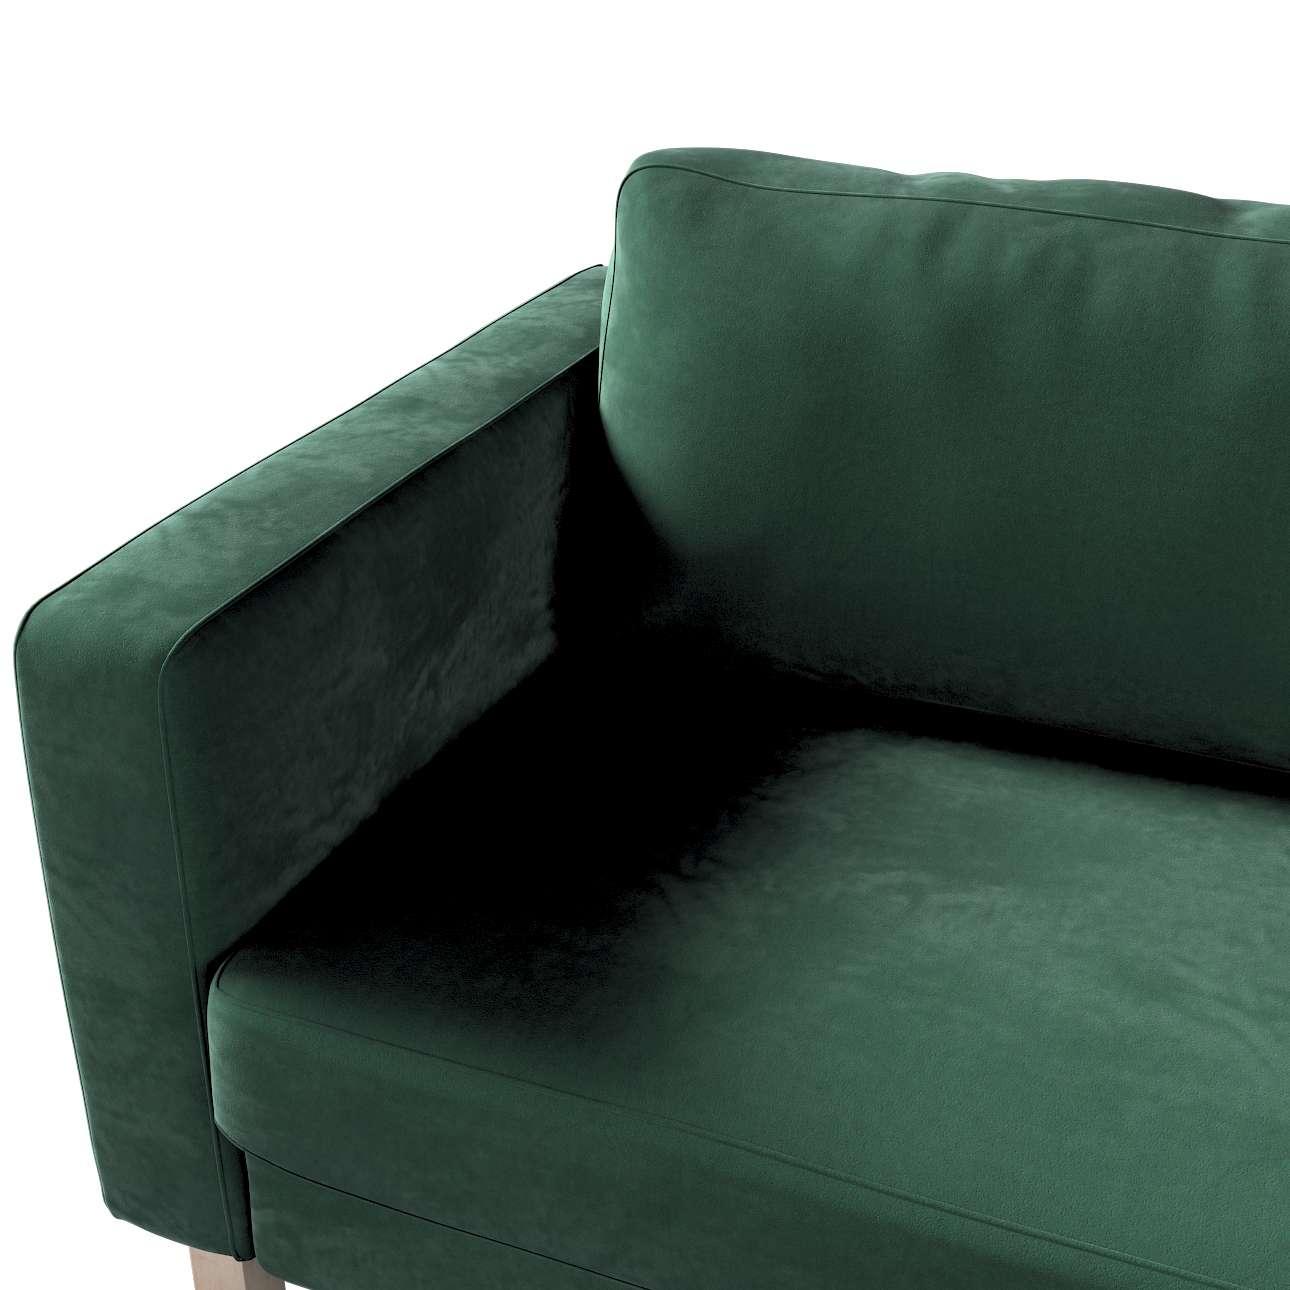 Pokrowiec na sofę Karlstad 3-osobową nierozkładaną, krótki w kolekcji Velvet, tkanina: 704-25